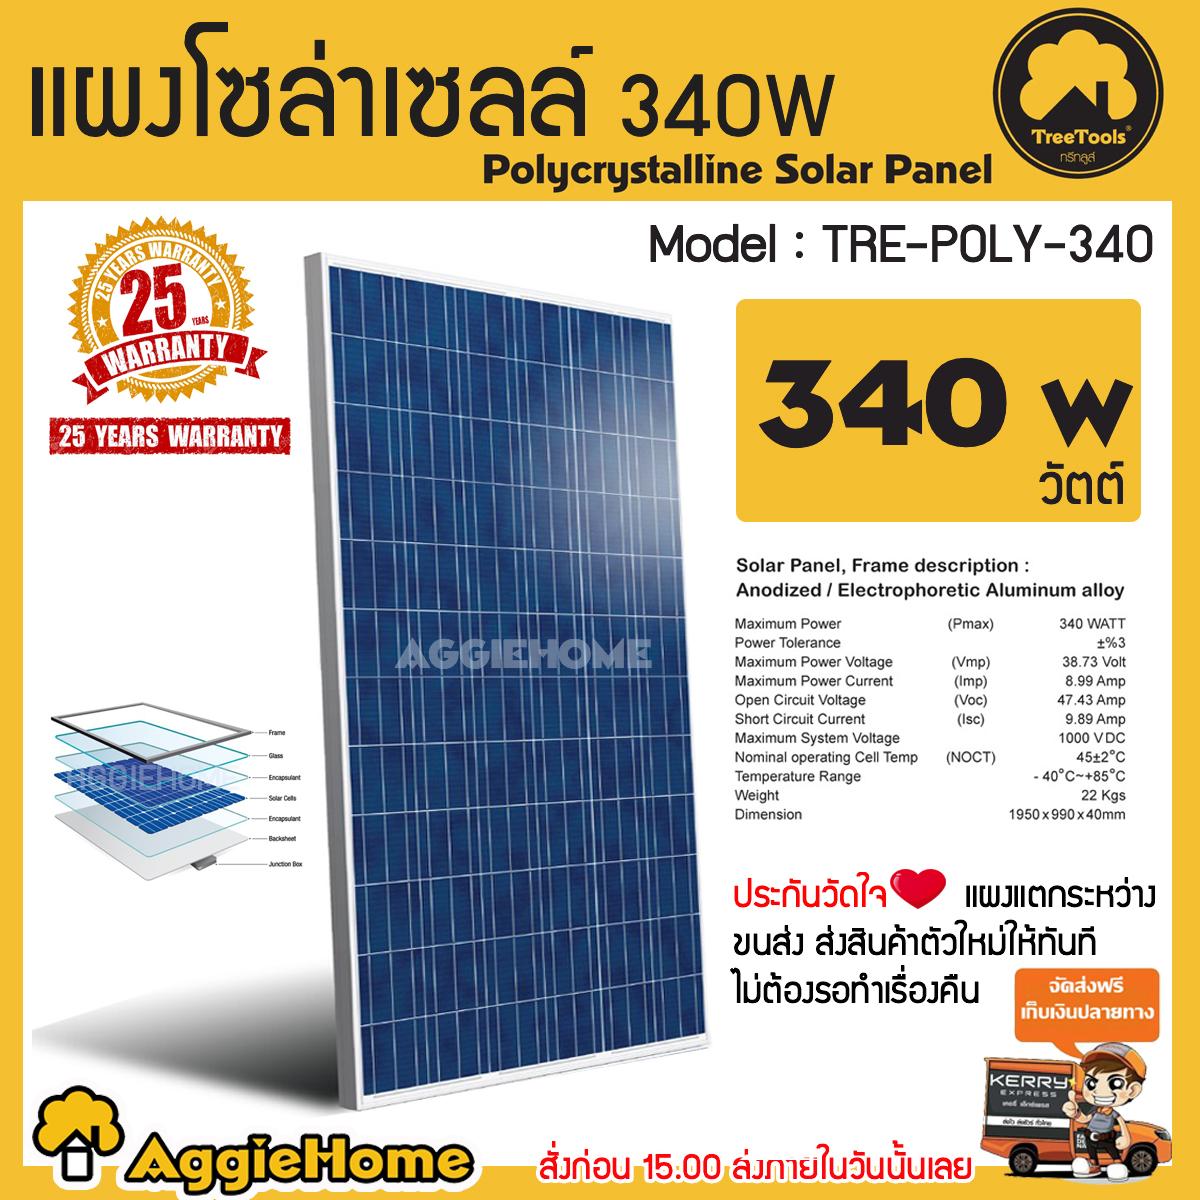 แผงโซล่าเซลล์ TREETOOLS POLY รุ่นTRE-POLY-340 340วัตต์ แผงพลังงานแสงอาทิตย์ POLYCRYSTALLINE SOLAR PANNEL 340W จัดส่งฟรีKERRY